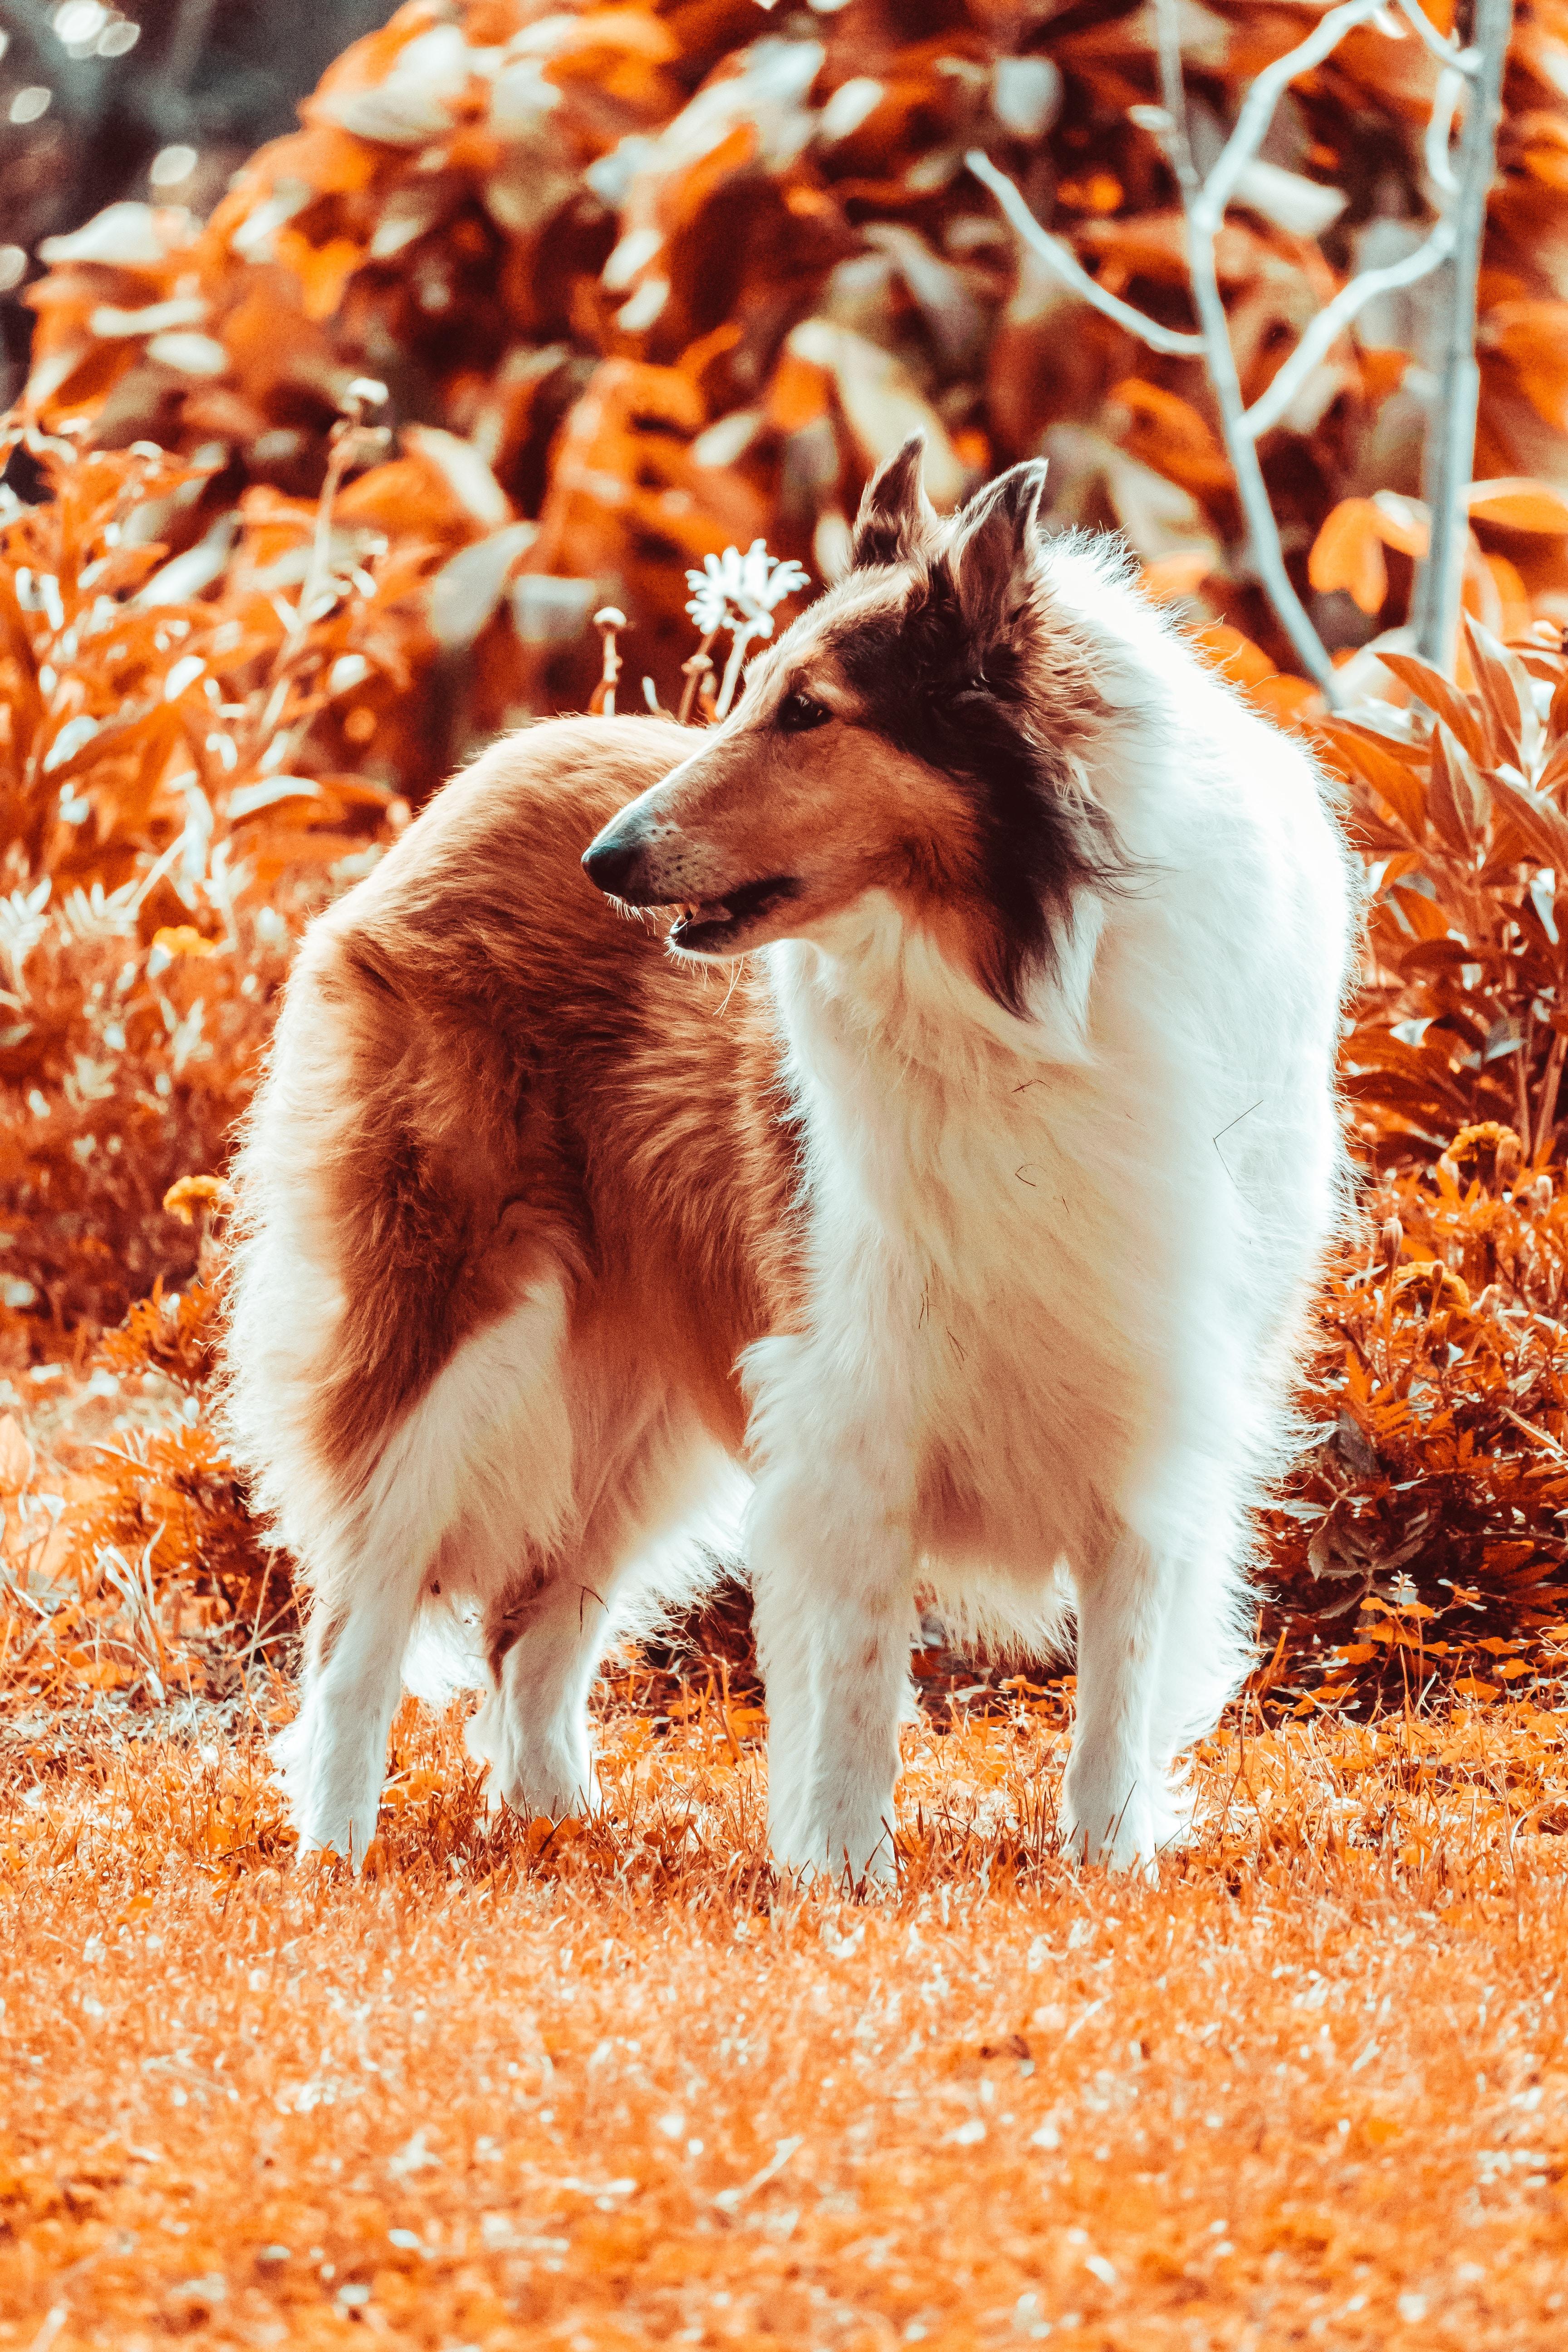 78992 скачать обои Животные, Шелти, Собака, Пушистый, Питомец, Животное - заставки и картинки бесплатно